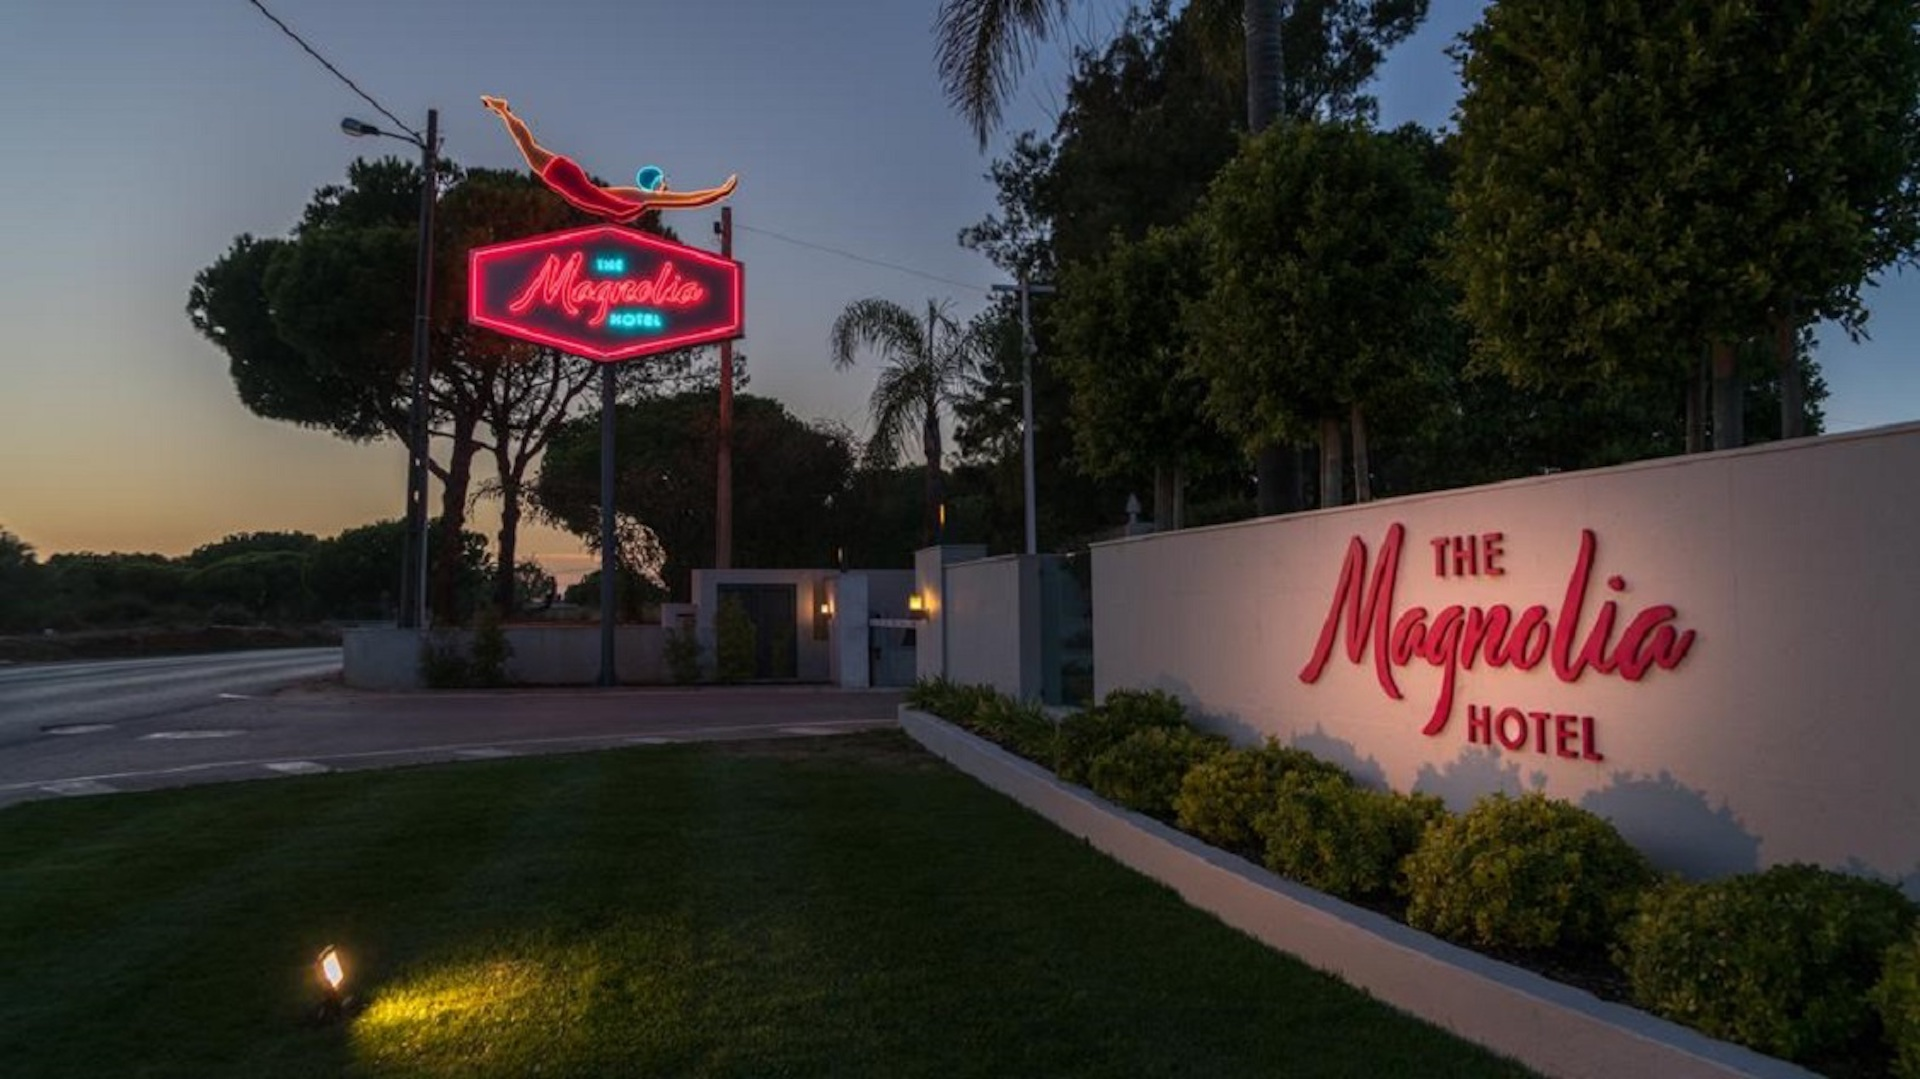 Quinta do Lago opens new Miami-chic hotel